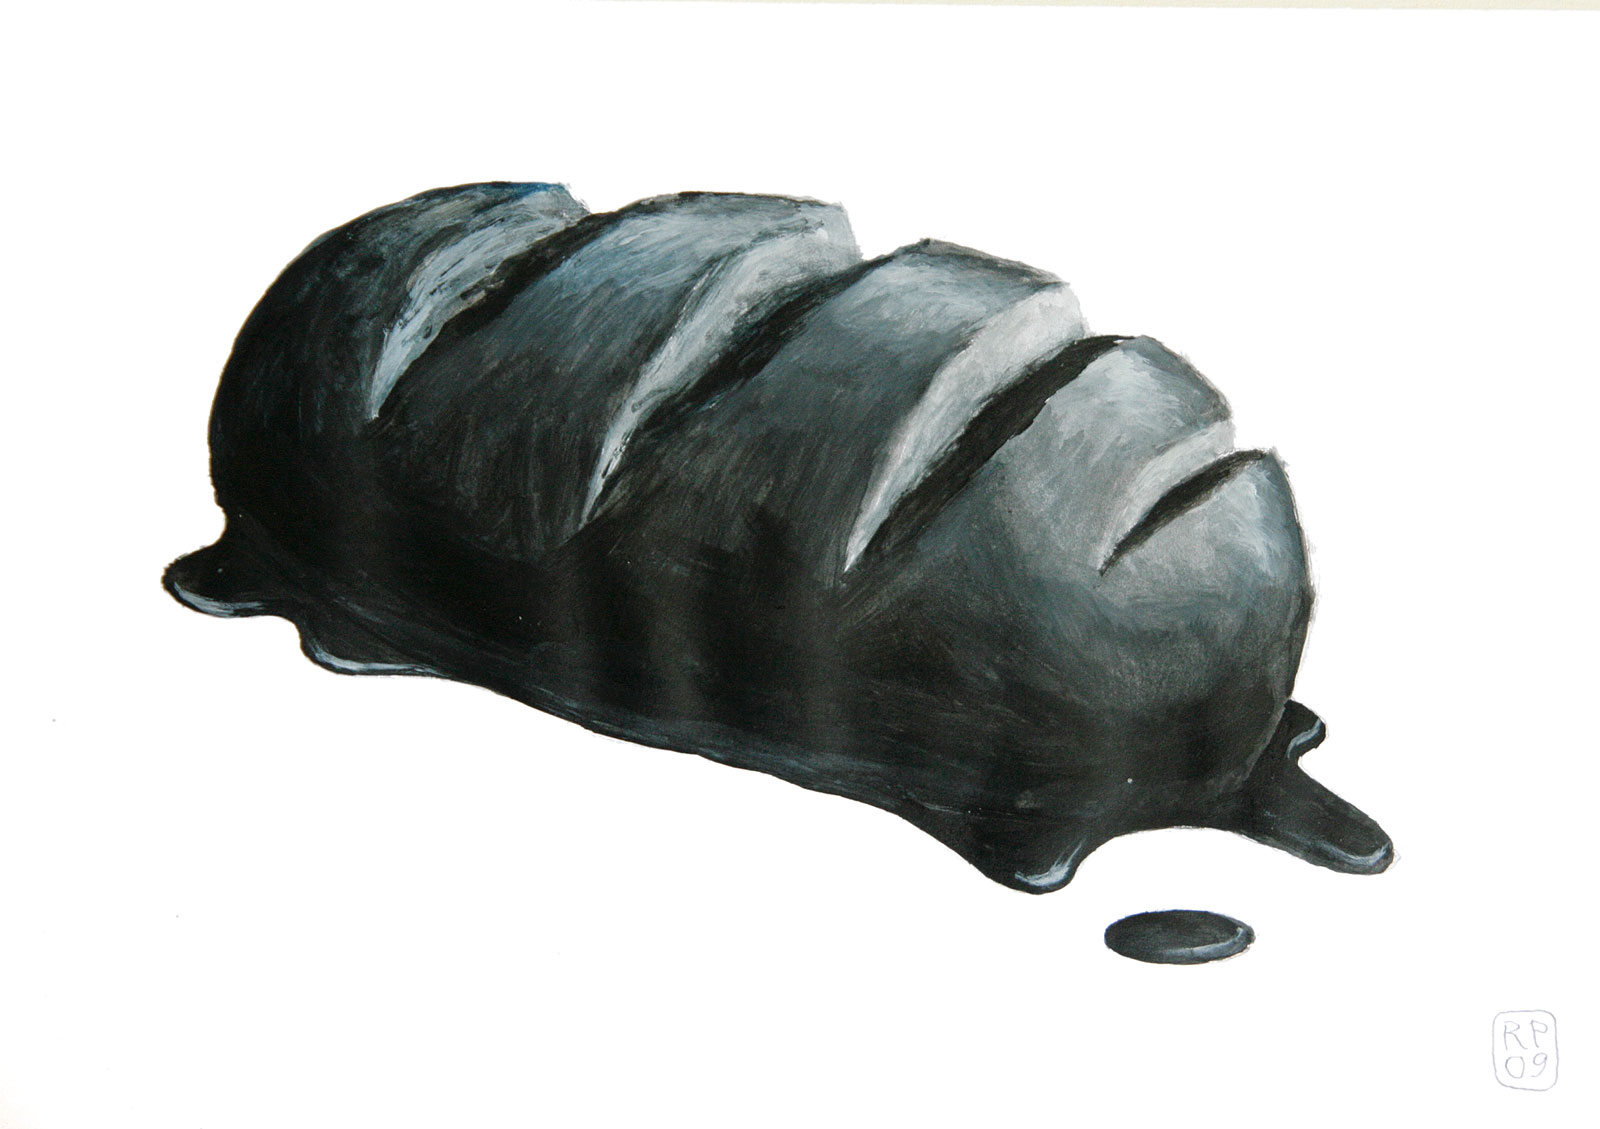 Brotschaften Schwarzbrot Acryl Robert Puls